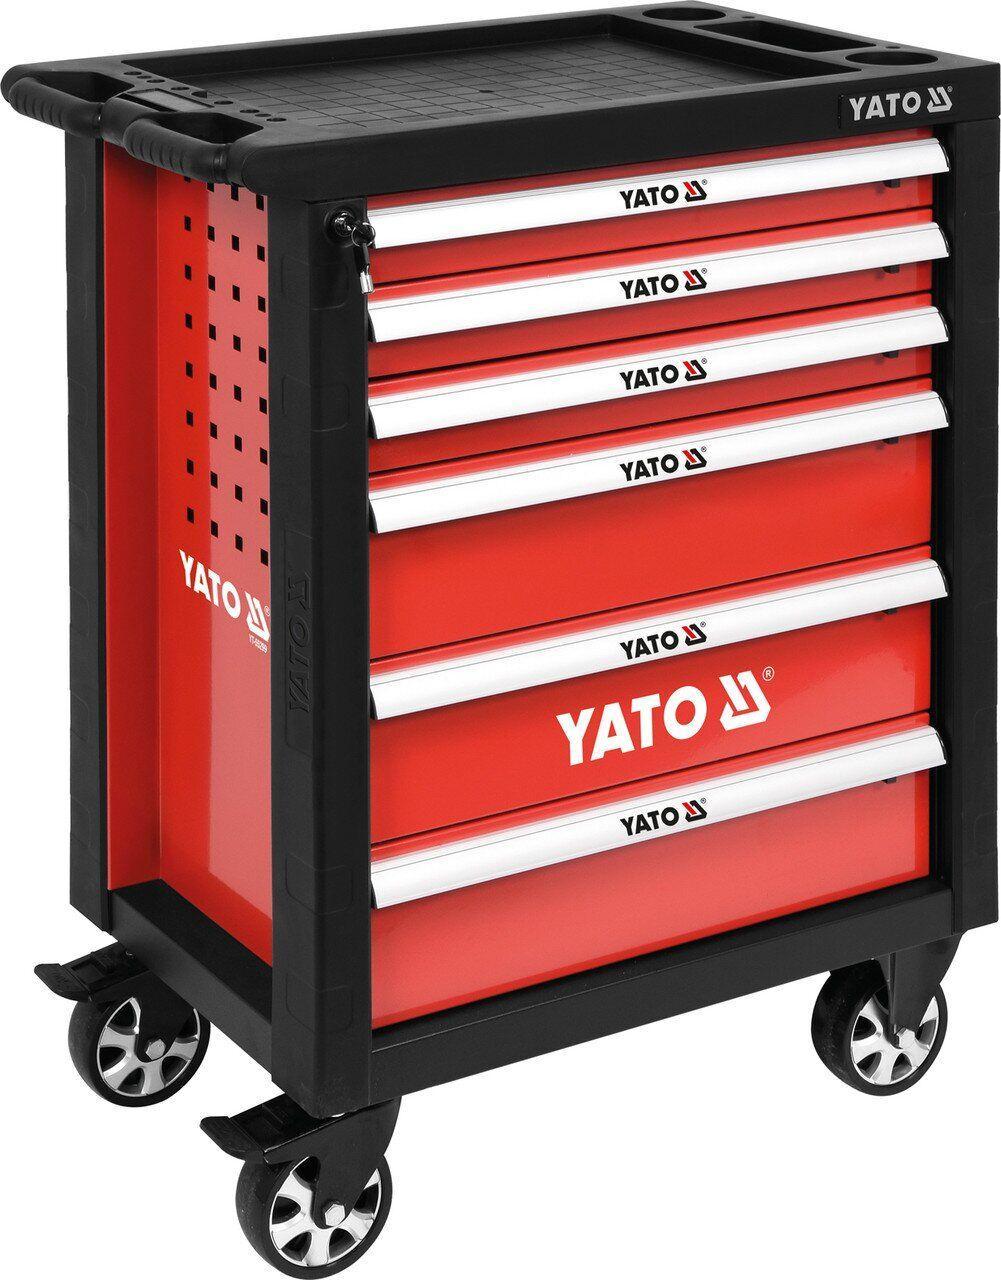 Сервісна візок на колесах з висувними ящиками YATO YT-55299